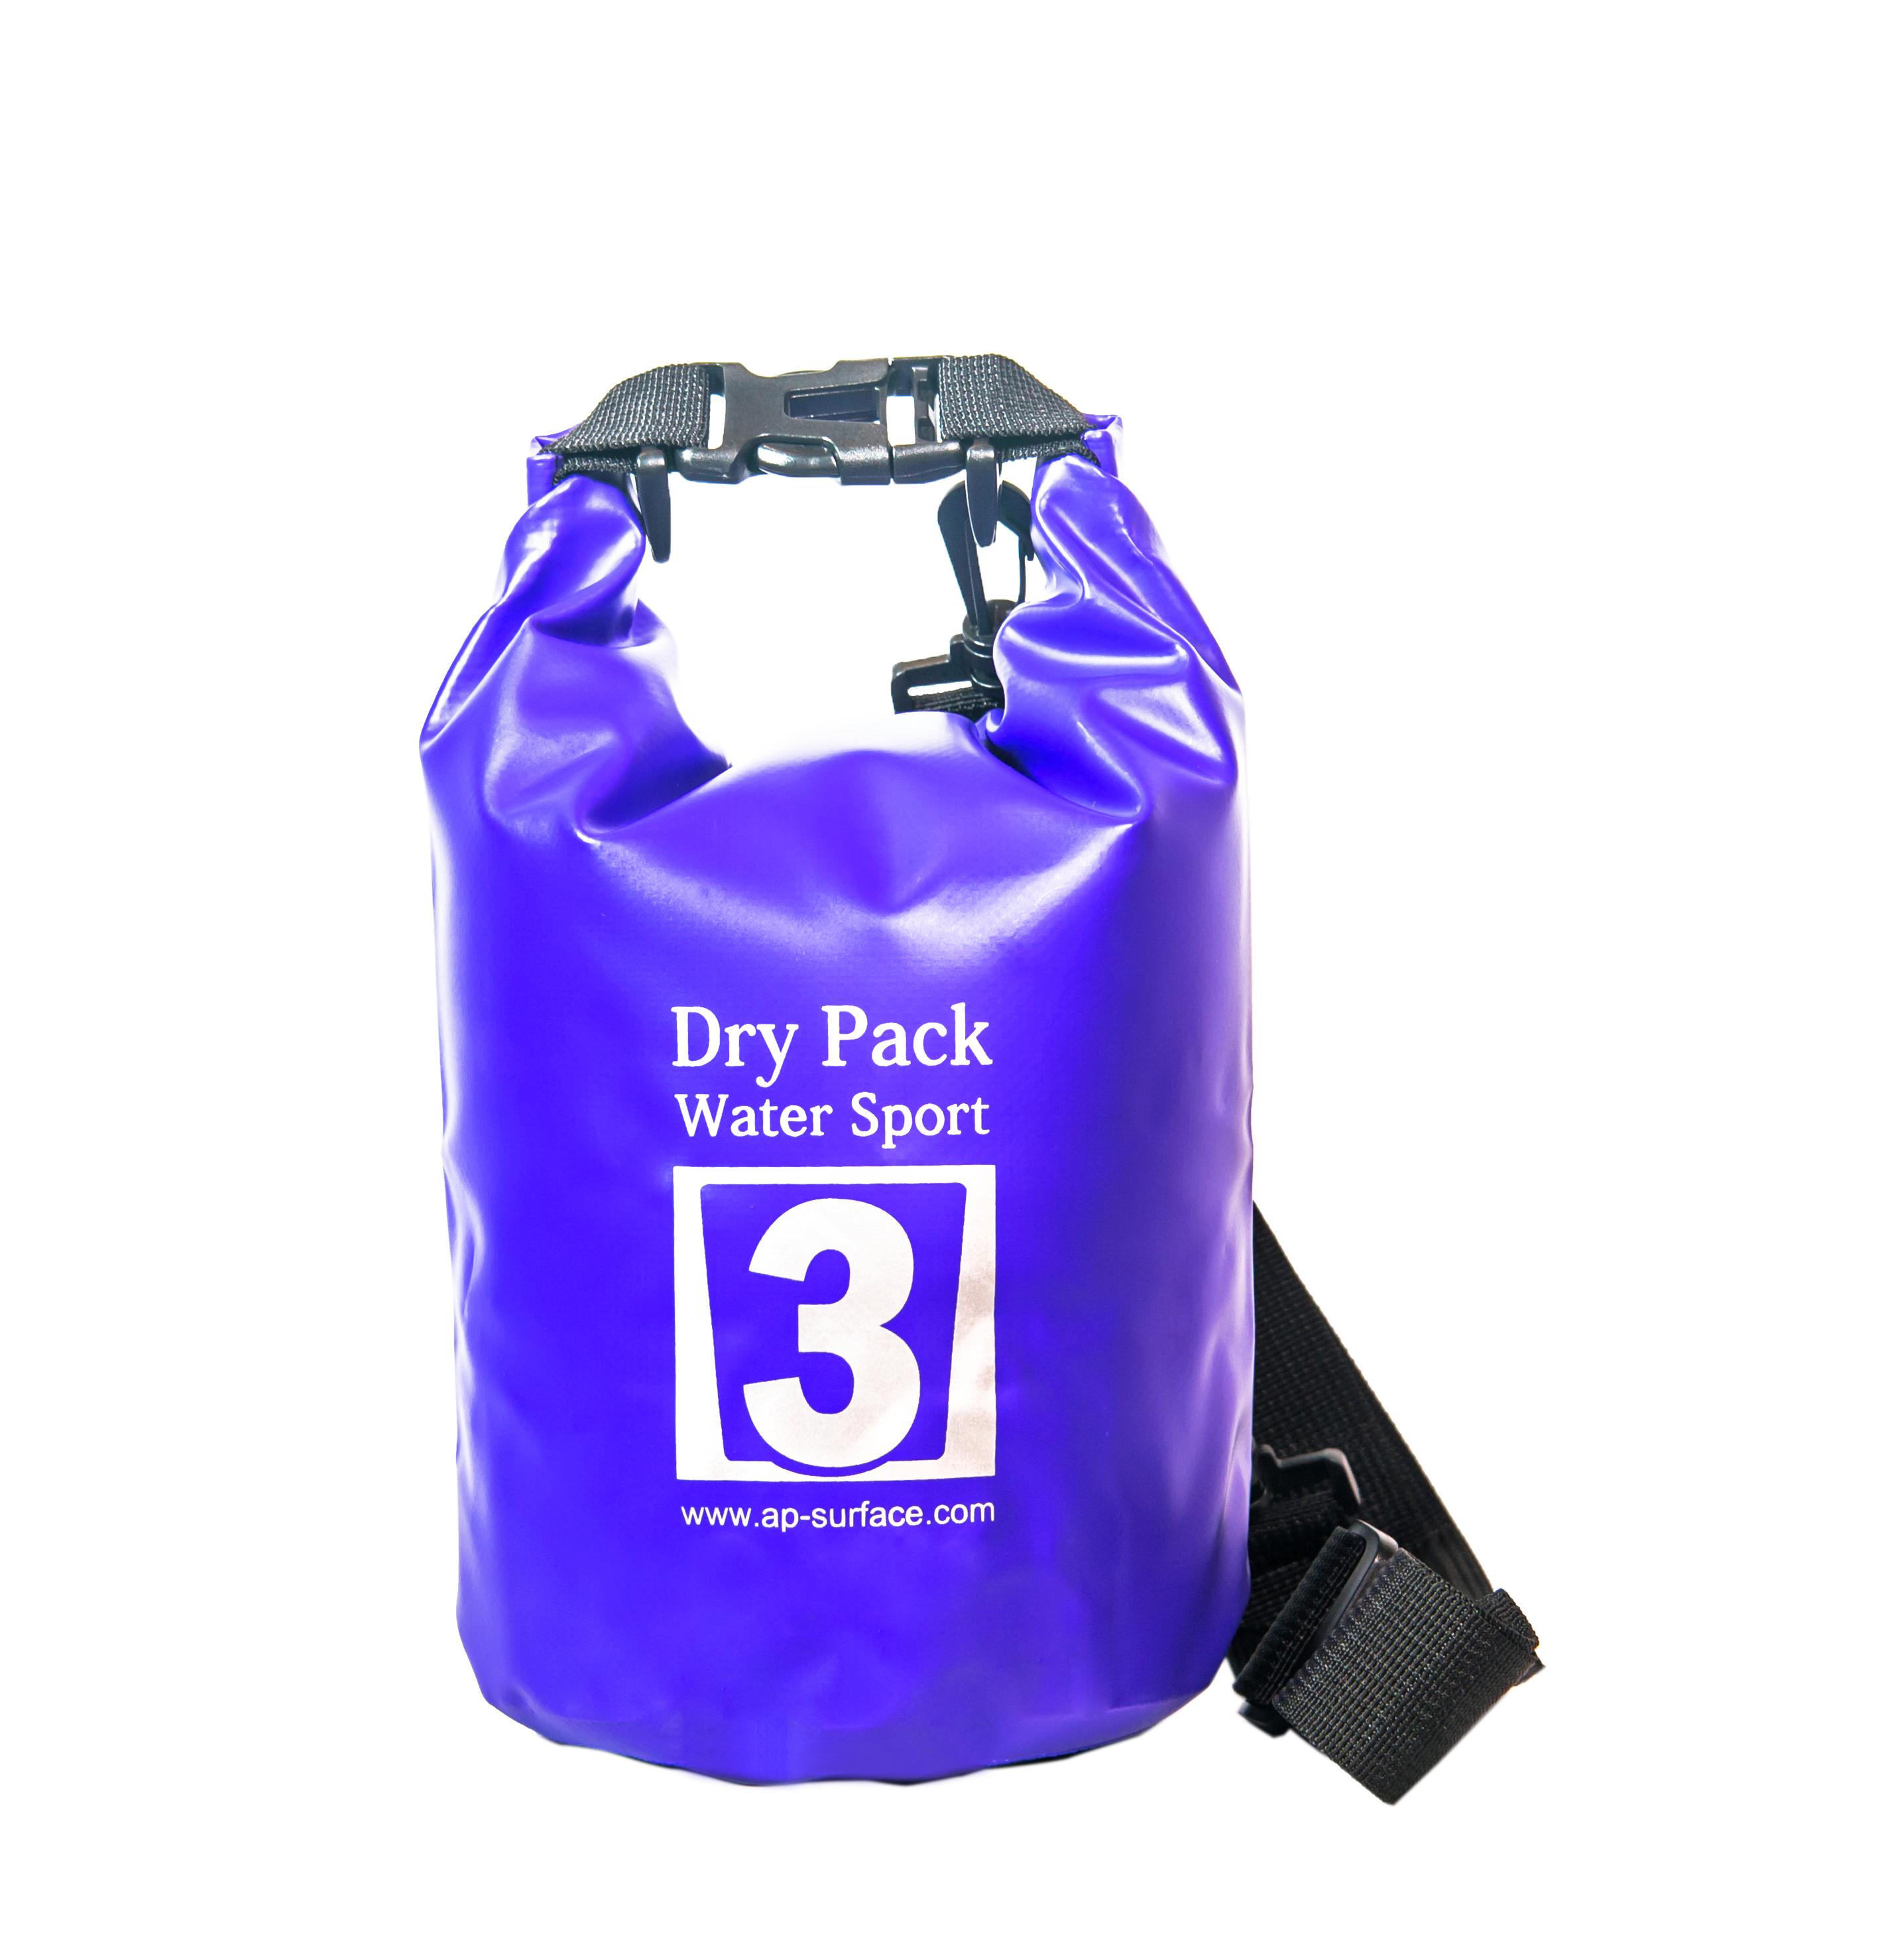 กระเป๋ากันน้ำ Dry pack 3L- สีน้ำเงิน